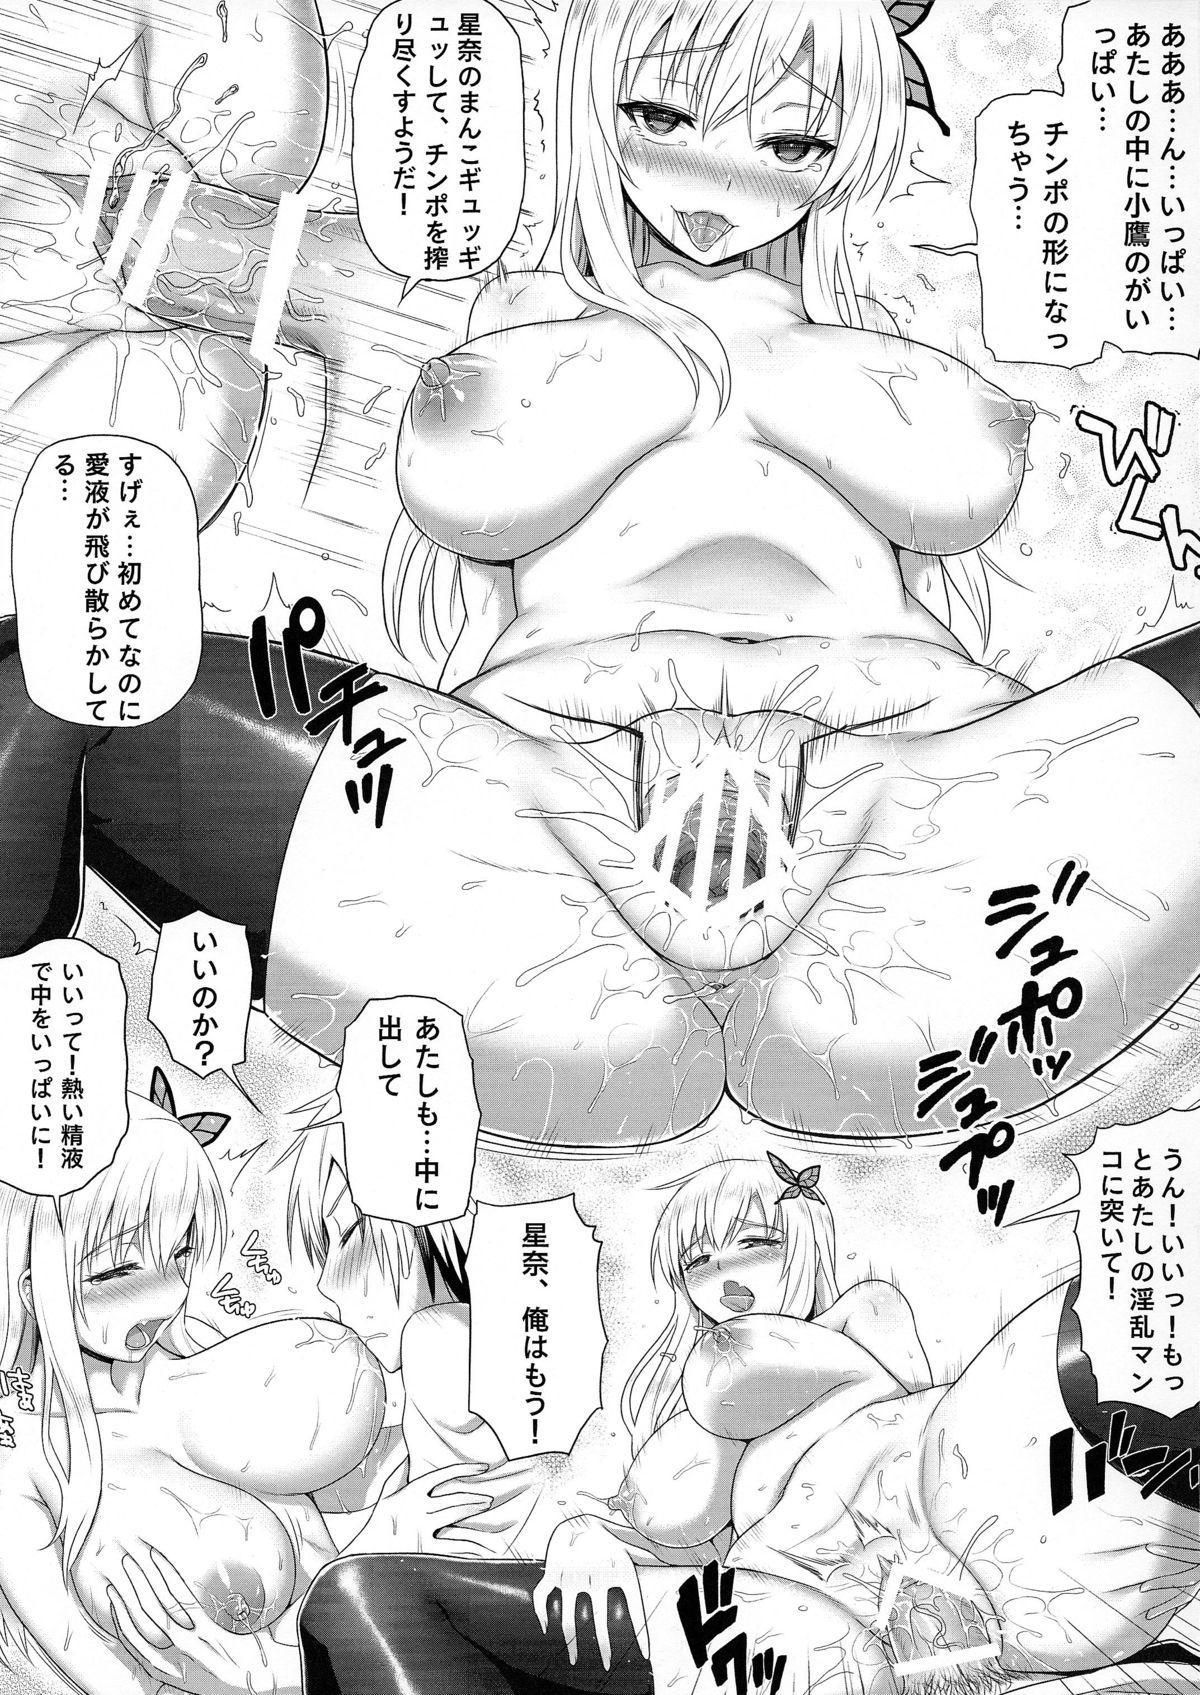 Sena to Nakayoku Natta 24